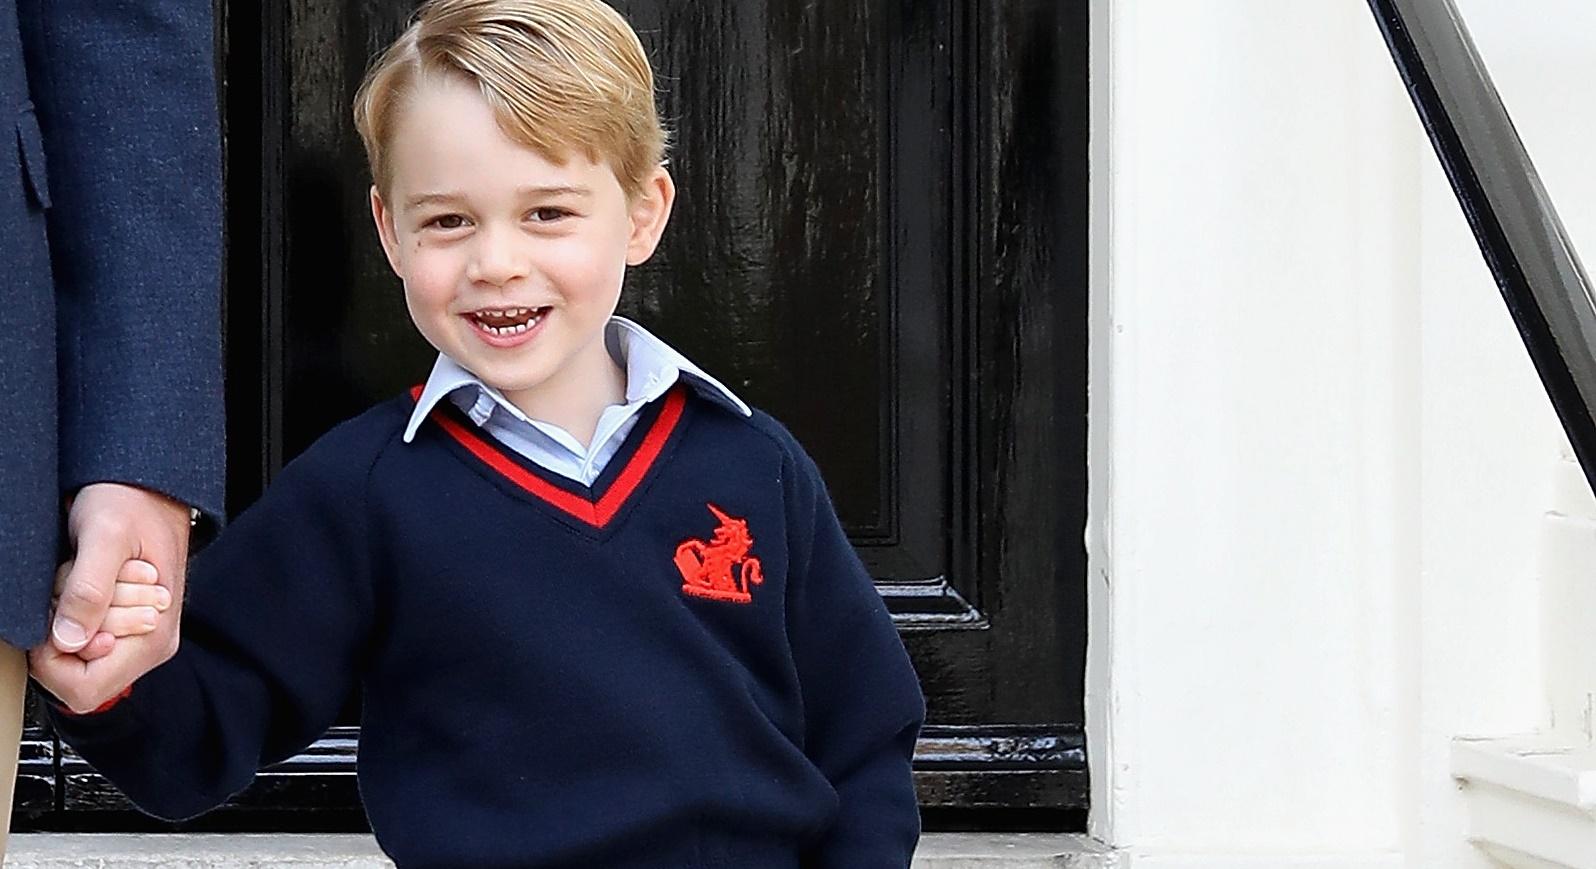 Mulher é presa após invadir escola em que Príncipe George estuda!